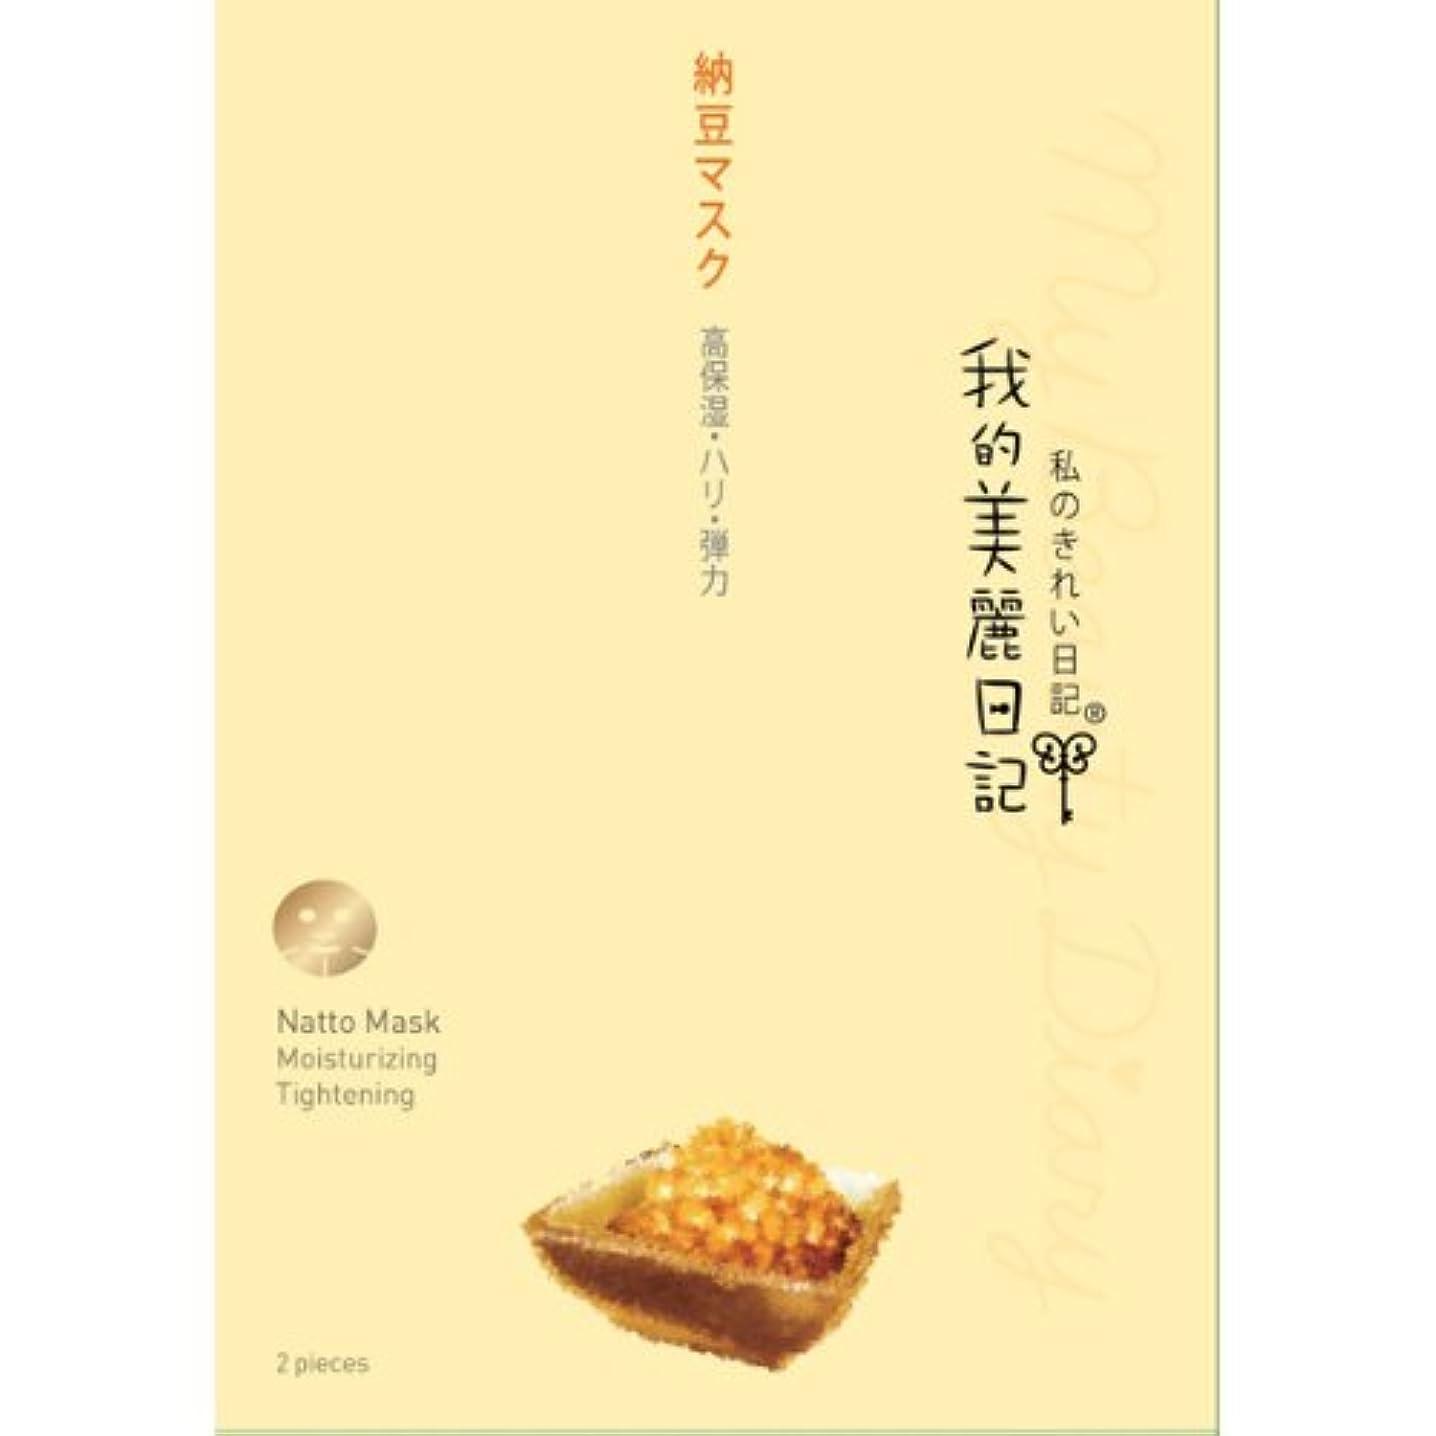 条約契約したフロー我的美麗日記 私のきれい日記 納豆マスク 23ml×2枚